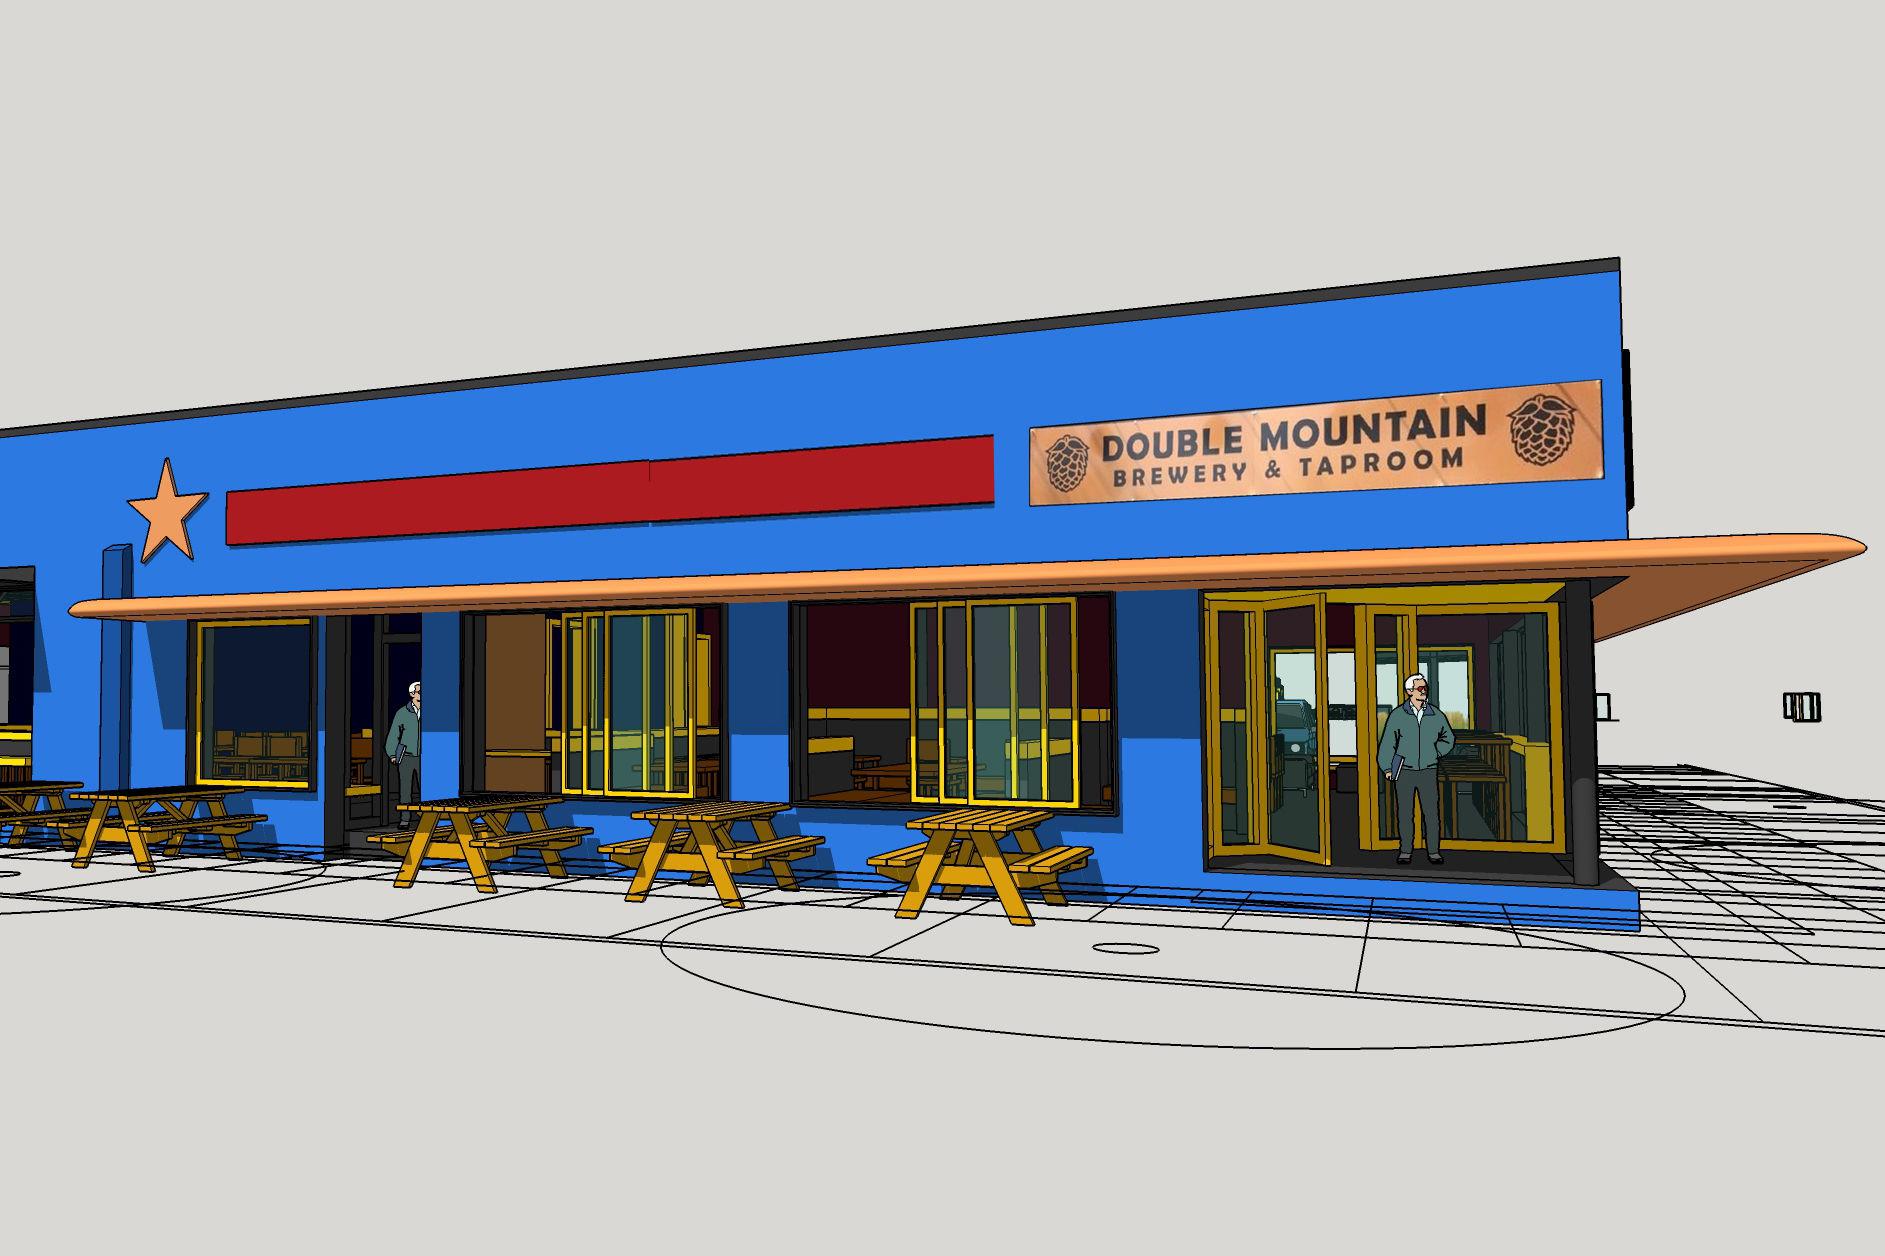 Double mountain new portland woodstock rendering metlaj